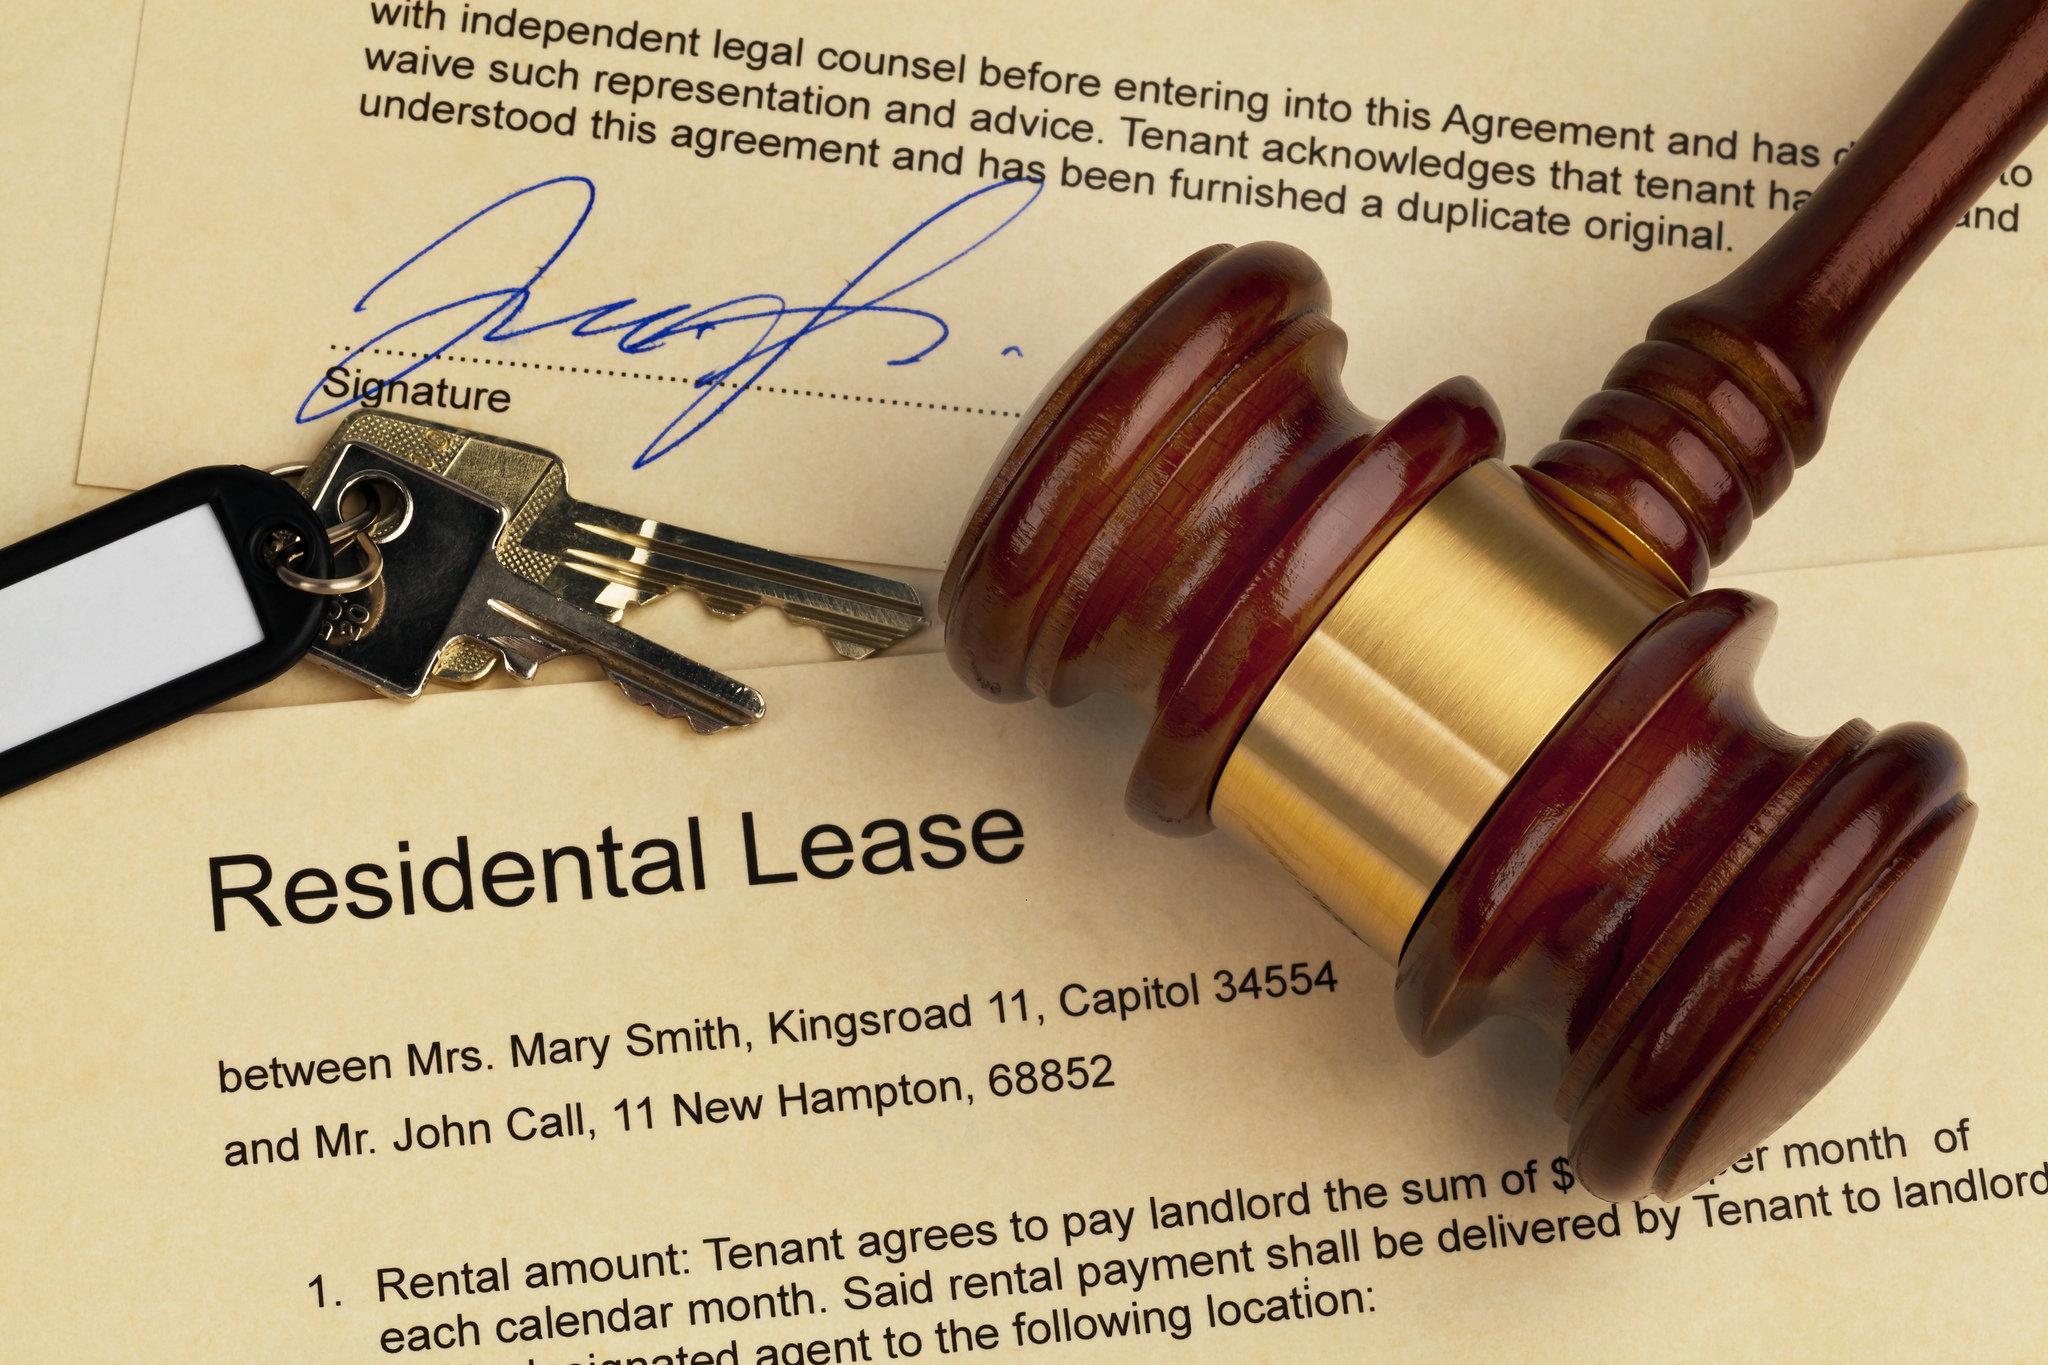 Landlord - Tenant Disputes